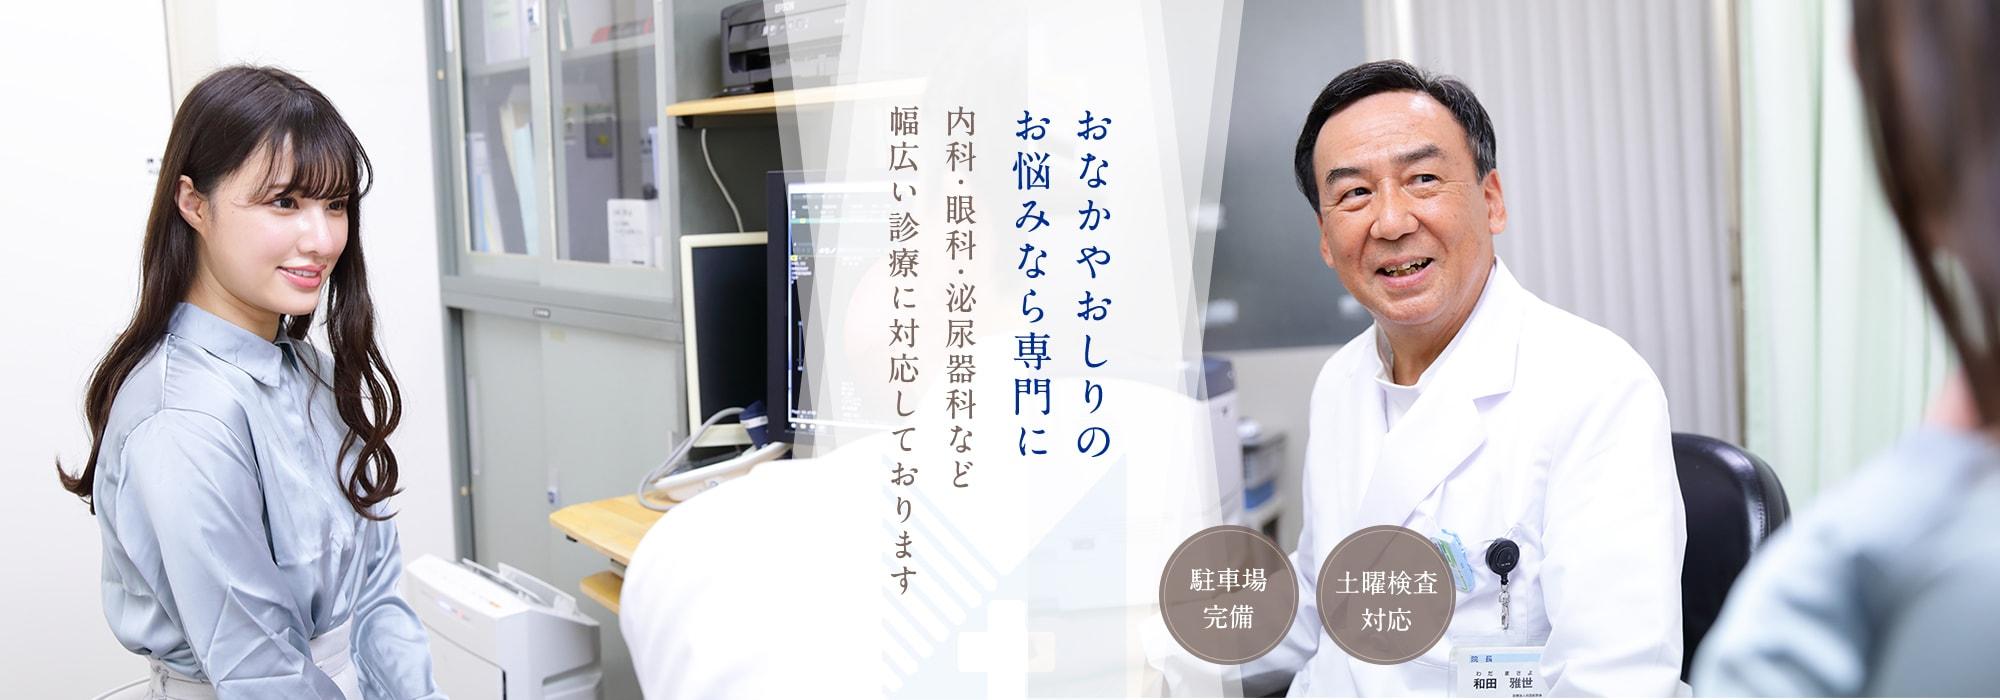 おなかやおしりのお悩みなら専門に内科・眼科・泌尿器科など幅広い診療に対応しております